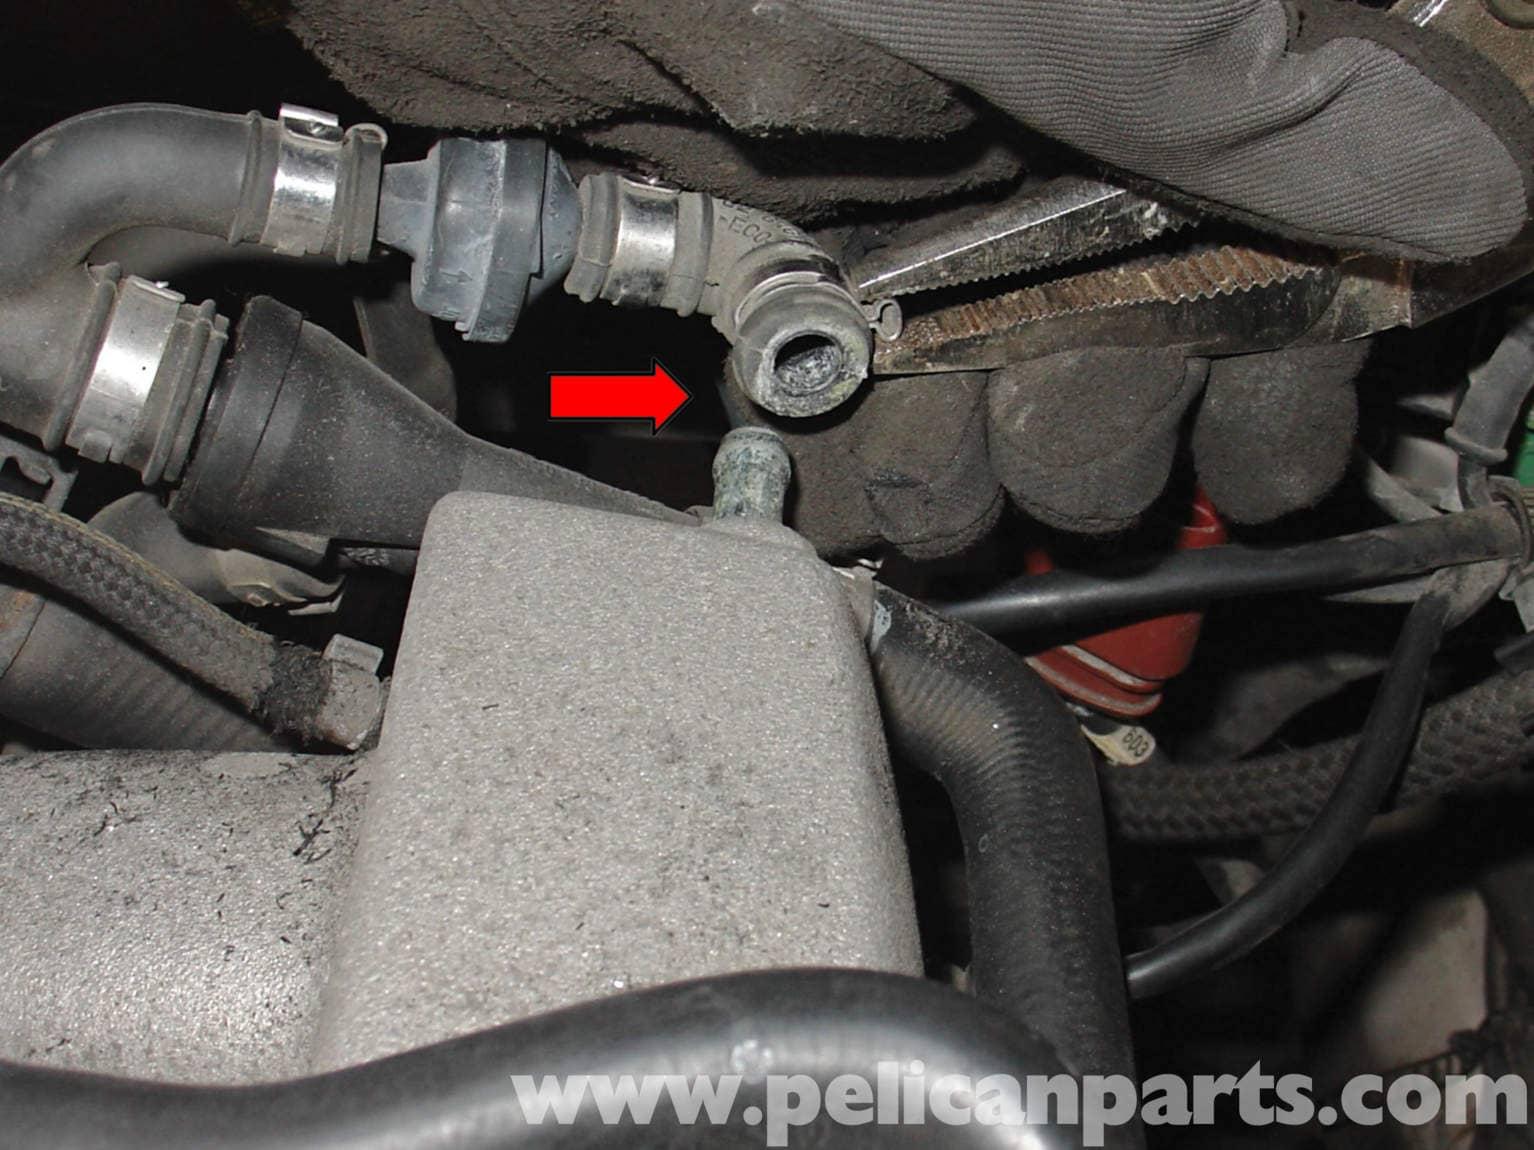 Vacuum Hose Leak Castrophotos Nissan 300zx Diagram Http Wwwthumper300zxcom Z32 Boostleaks Audi A4 B6 Crankcase Ventilation Egr Hoses And Valve